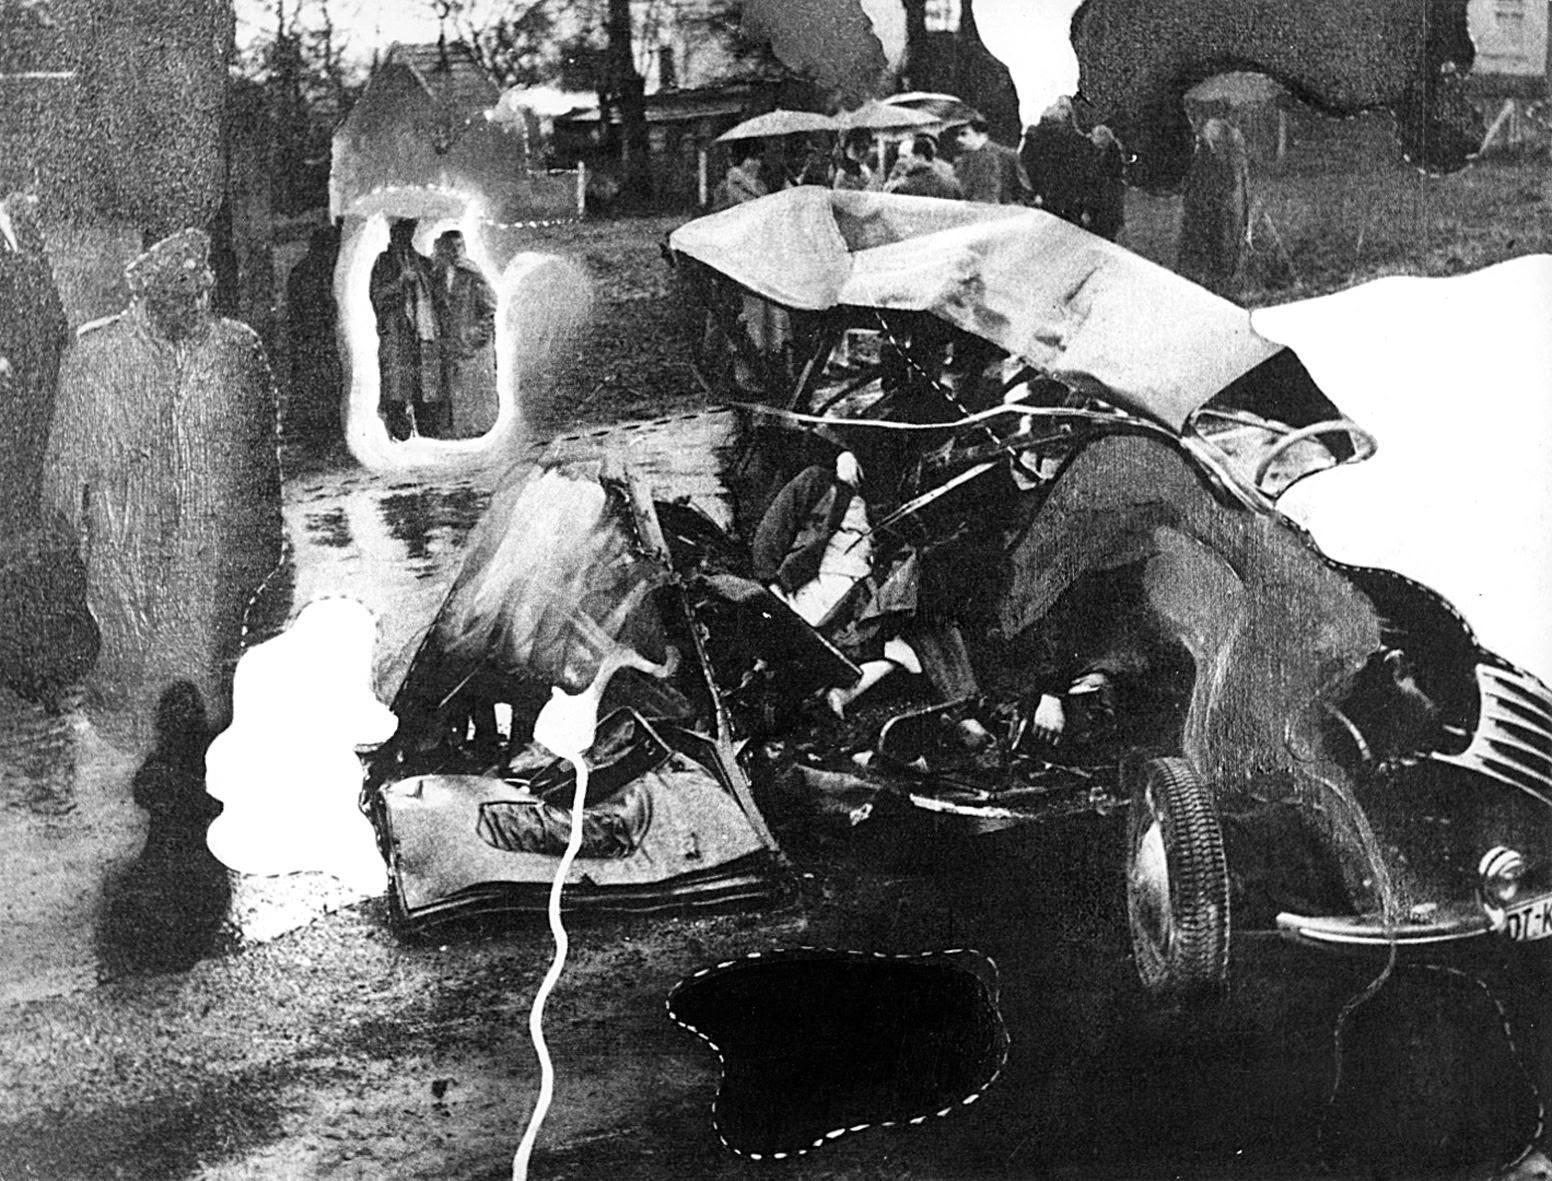 Bilder Von Wolf Vostell Auswahl Wolf Vostell Autounfall Ii 1965